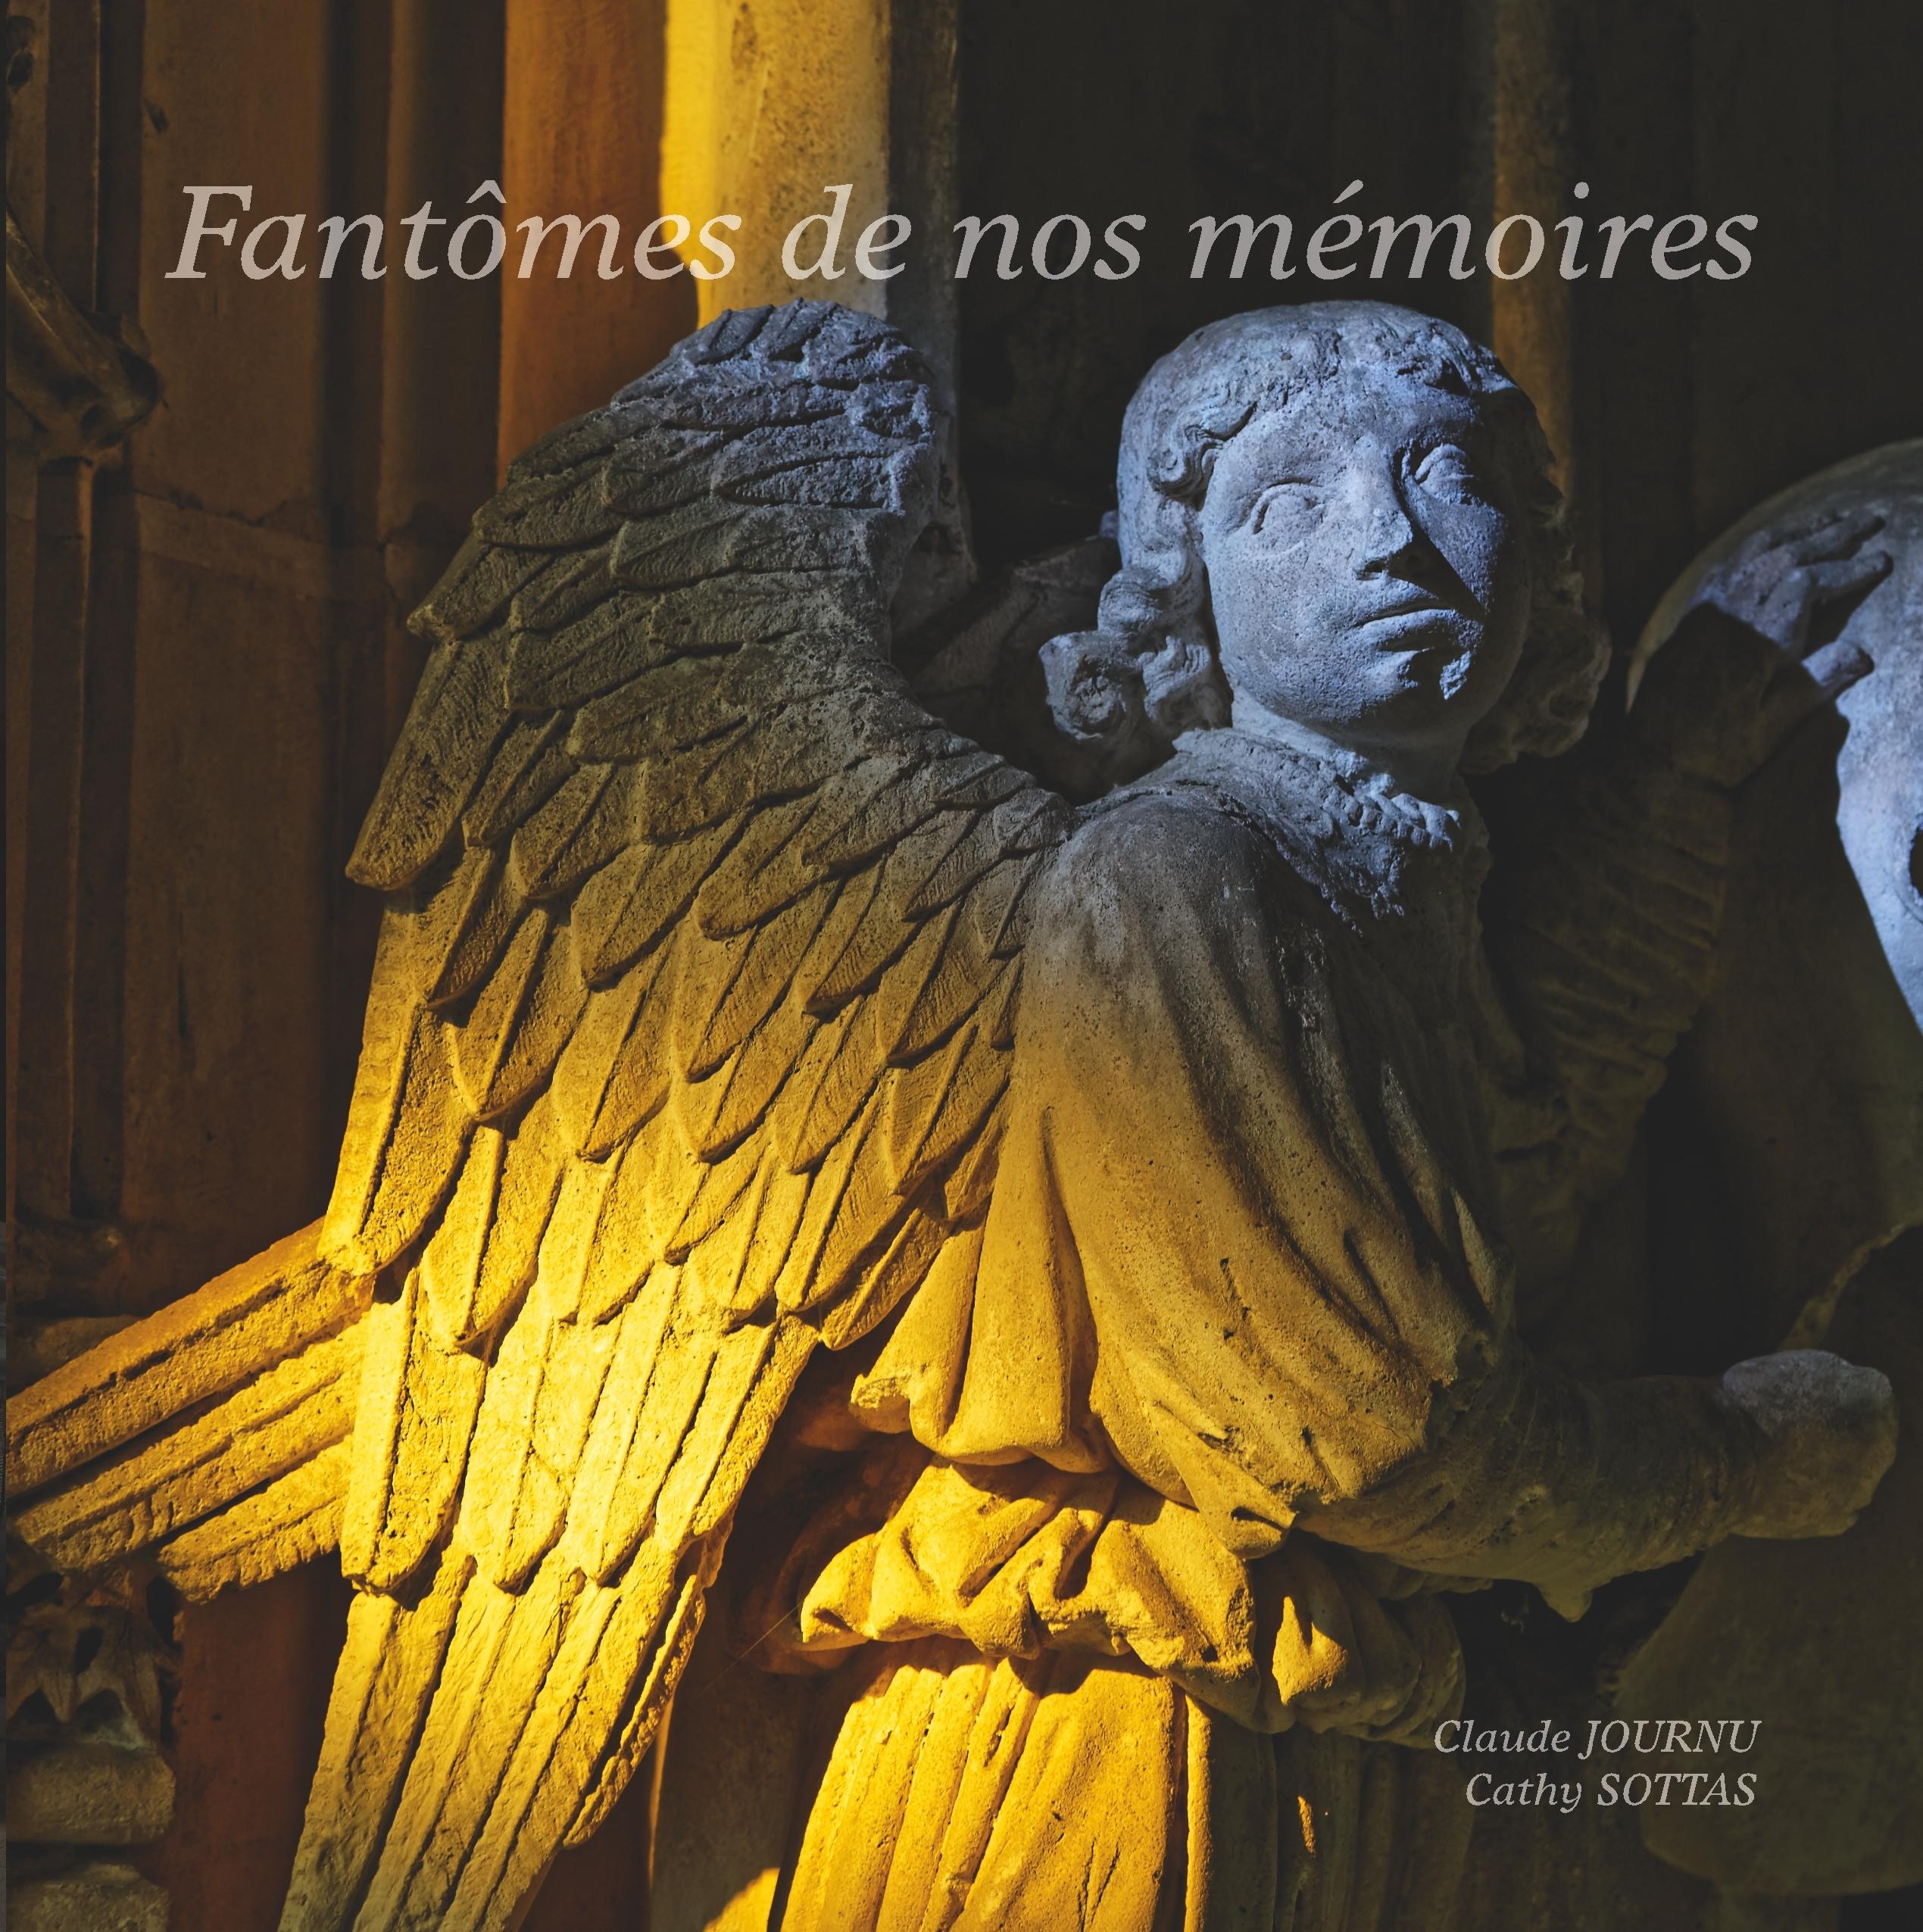 FANTOMES DE NOS MEMOIRES - LA MEMOIRE DE PAGNY